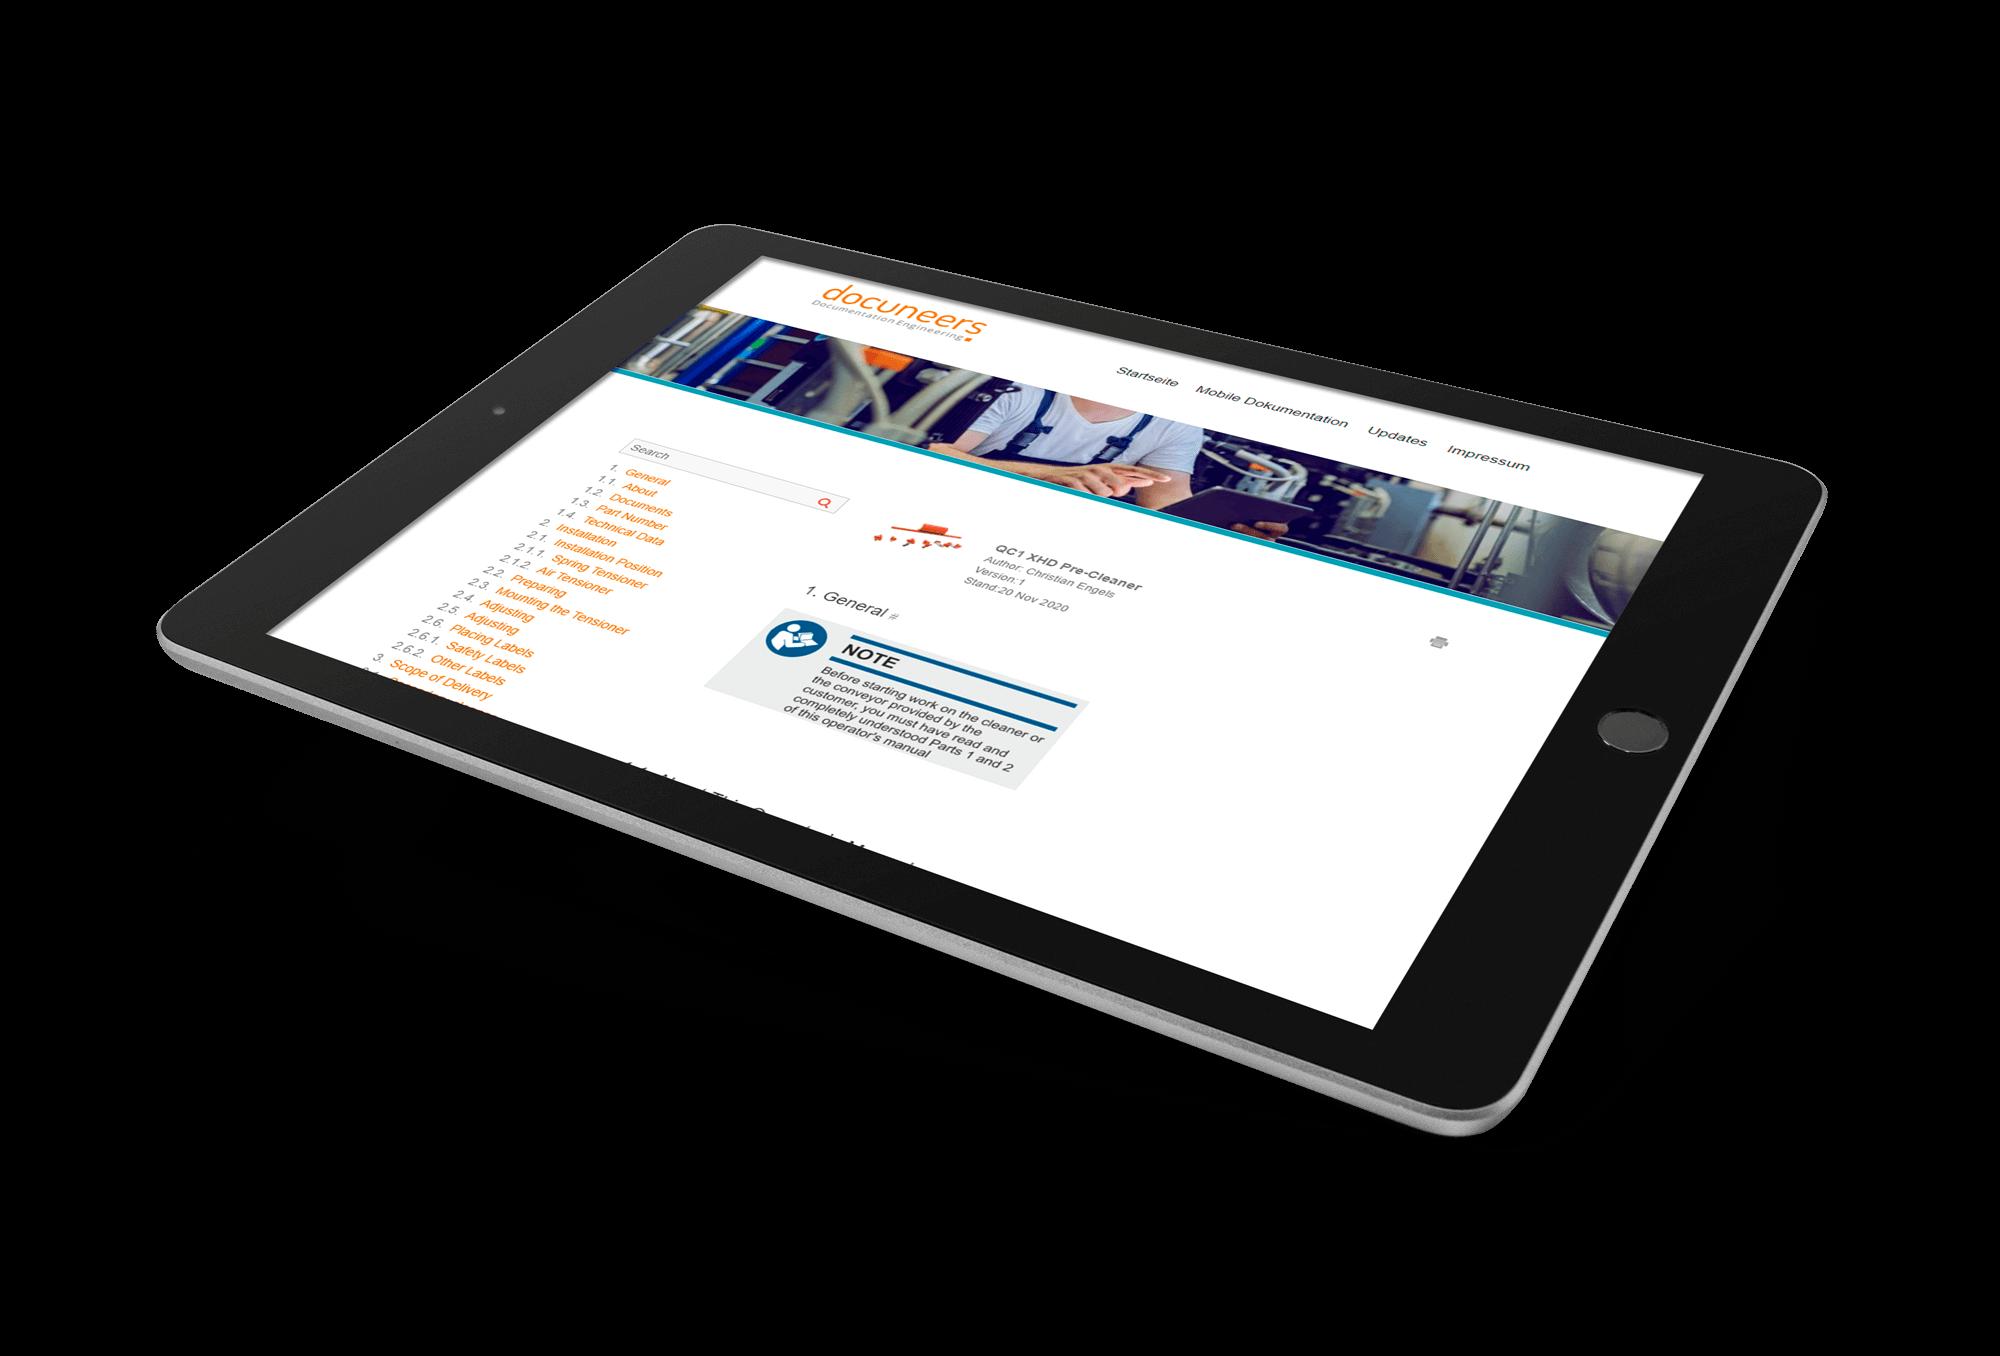 Tablet, auf dem eine mobile Technische Dokumentation geöffnet ist.